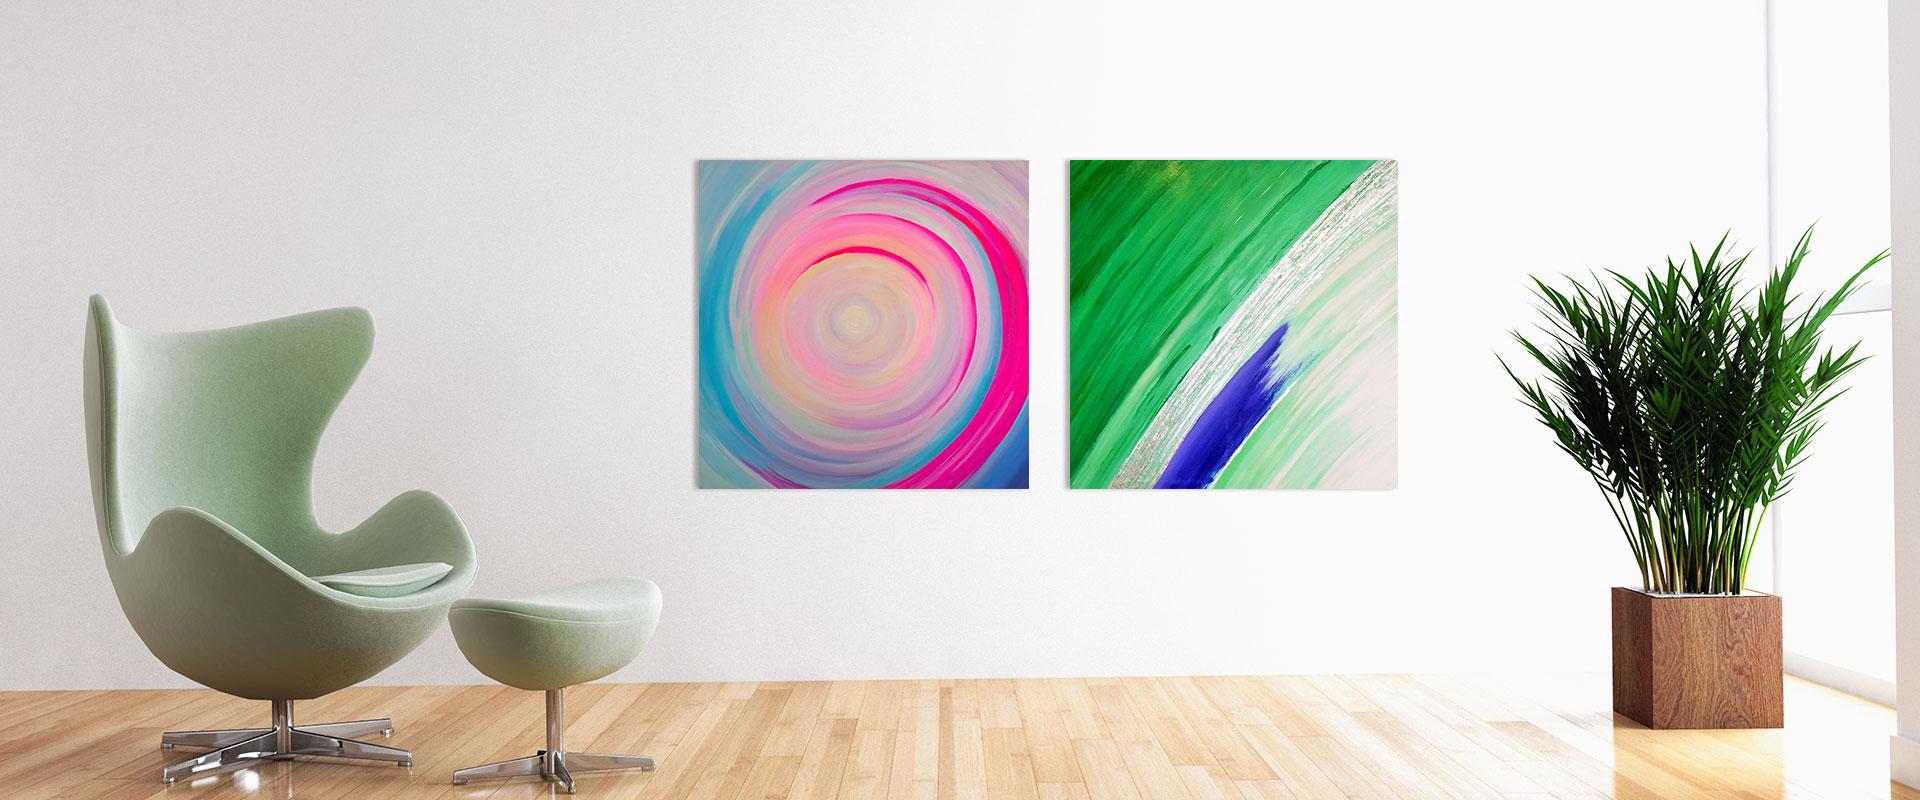 Raum mit Bildern - Inspirational Art by Katerina Suplie